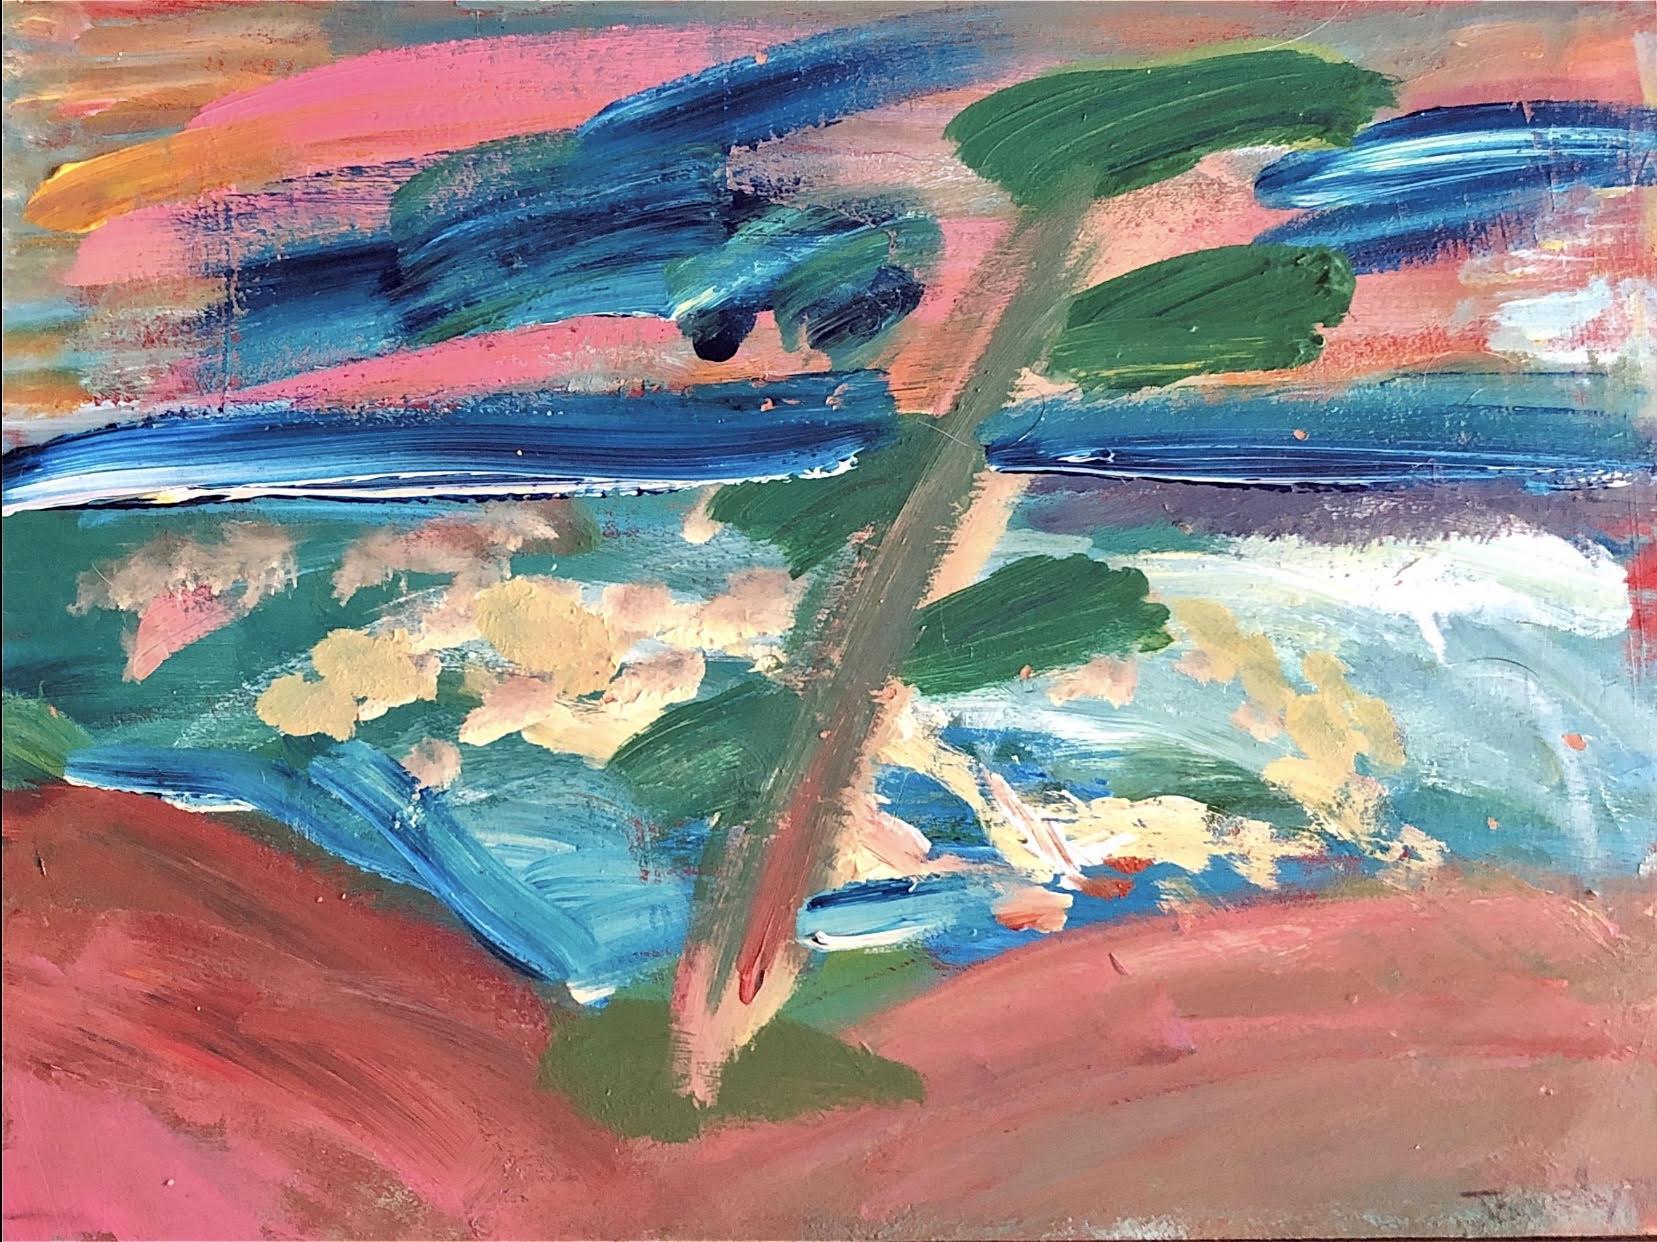 VanGo art class painting by MacLaren Art Centre volunteer Jocelyn Hay